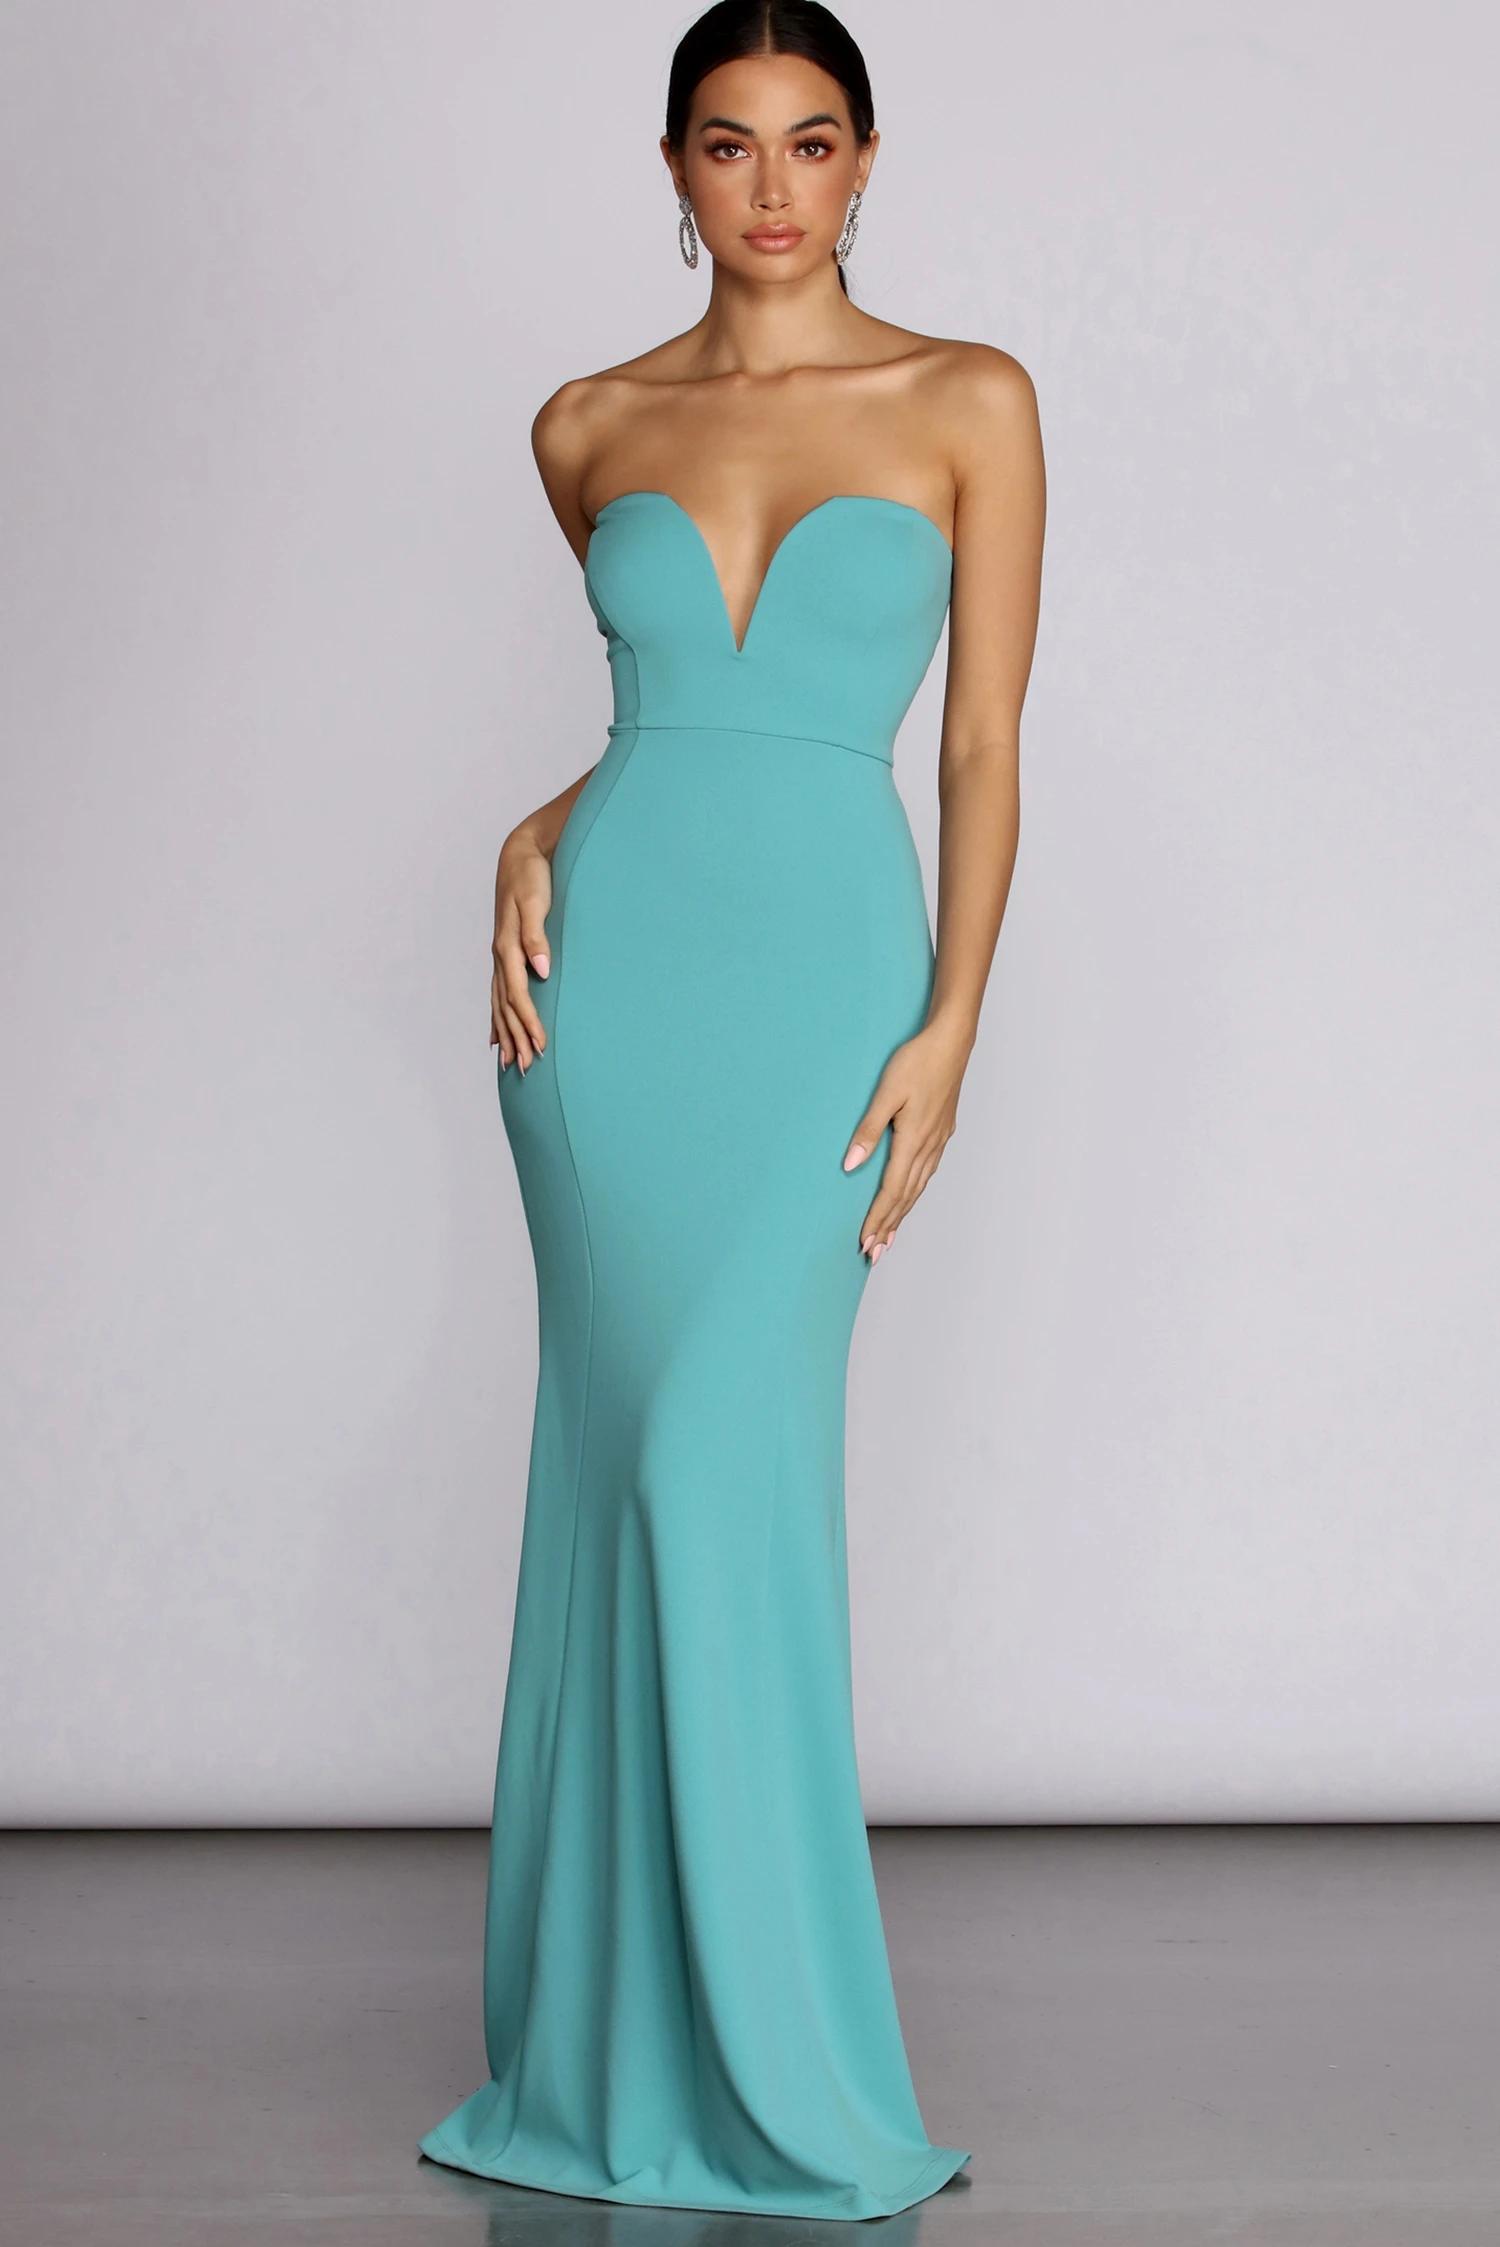 Dana Light Blue Strapless Formal Dress Formal Dress Shops Strapless Dress Formal Dresses [ 2247 x 1500 Pixel ]